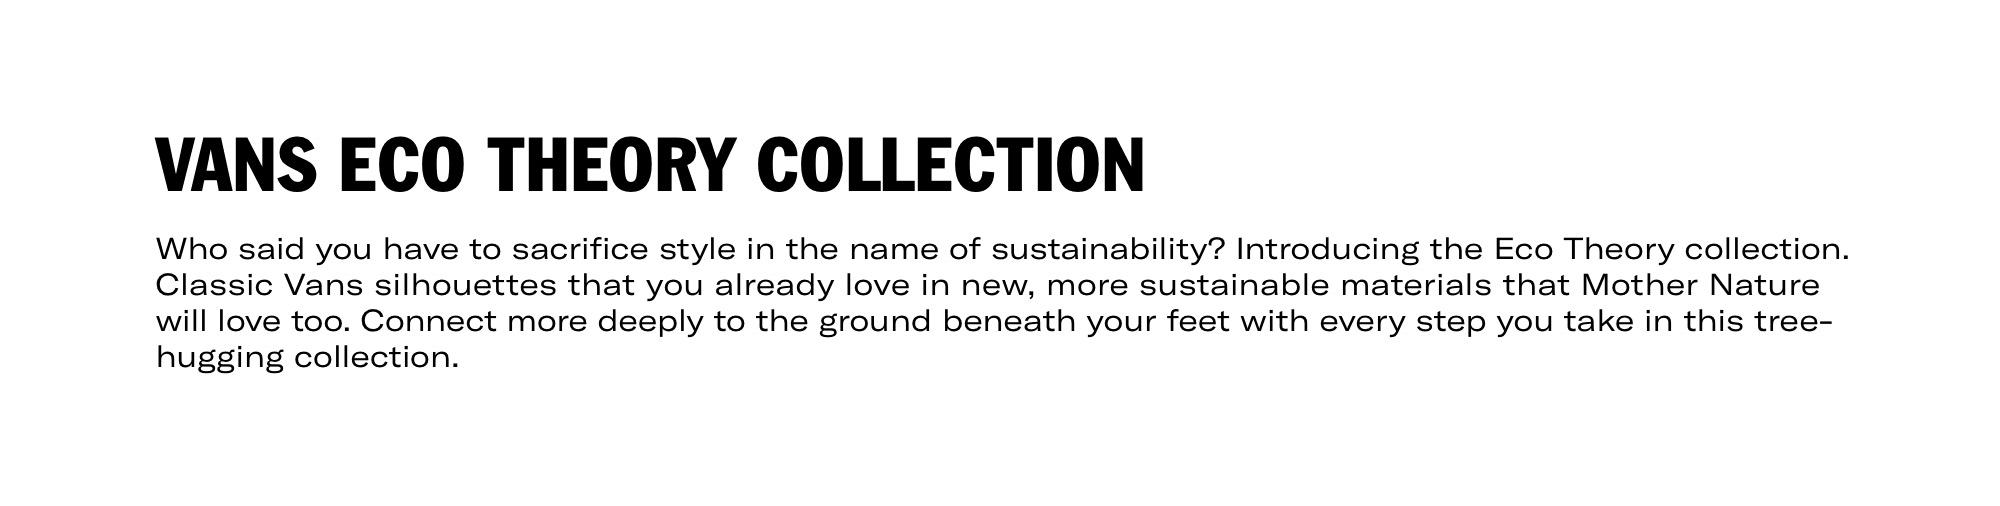 Vans Eco Theory